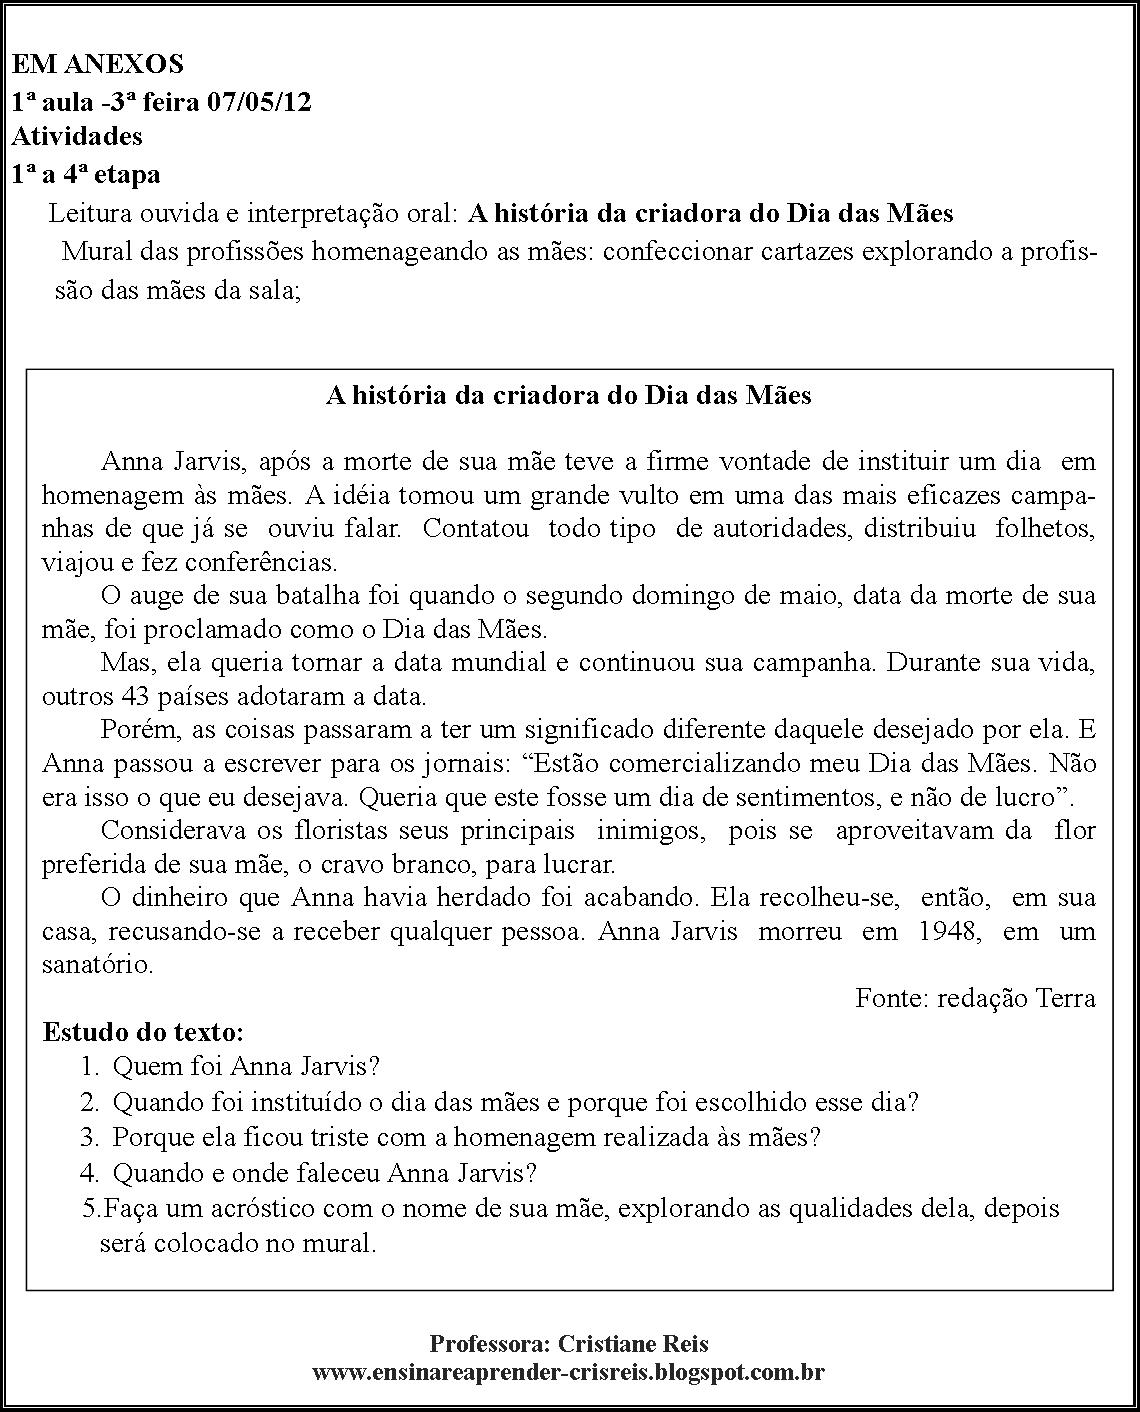 Well-known Ensinar é Aprender - Cris Reis: Plano de Aula - Dia das Mães YE83